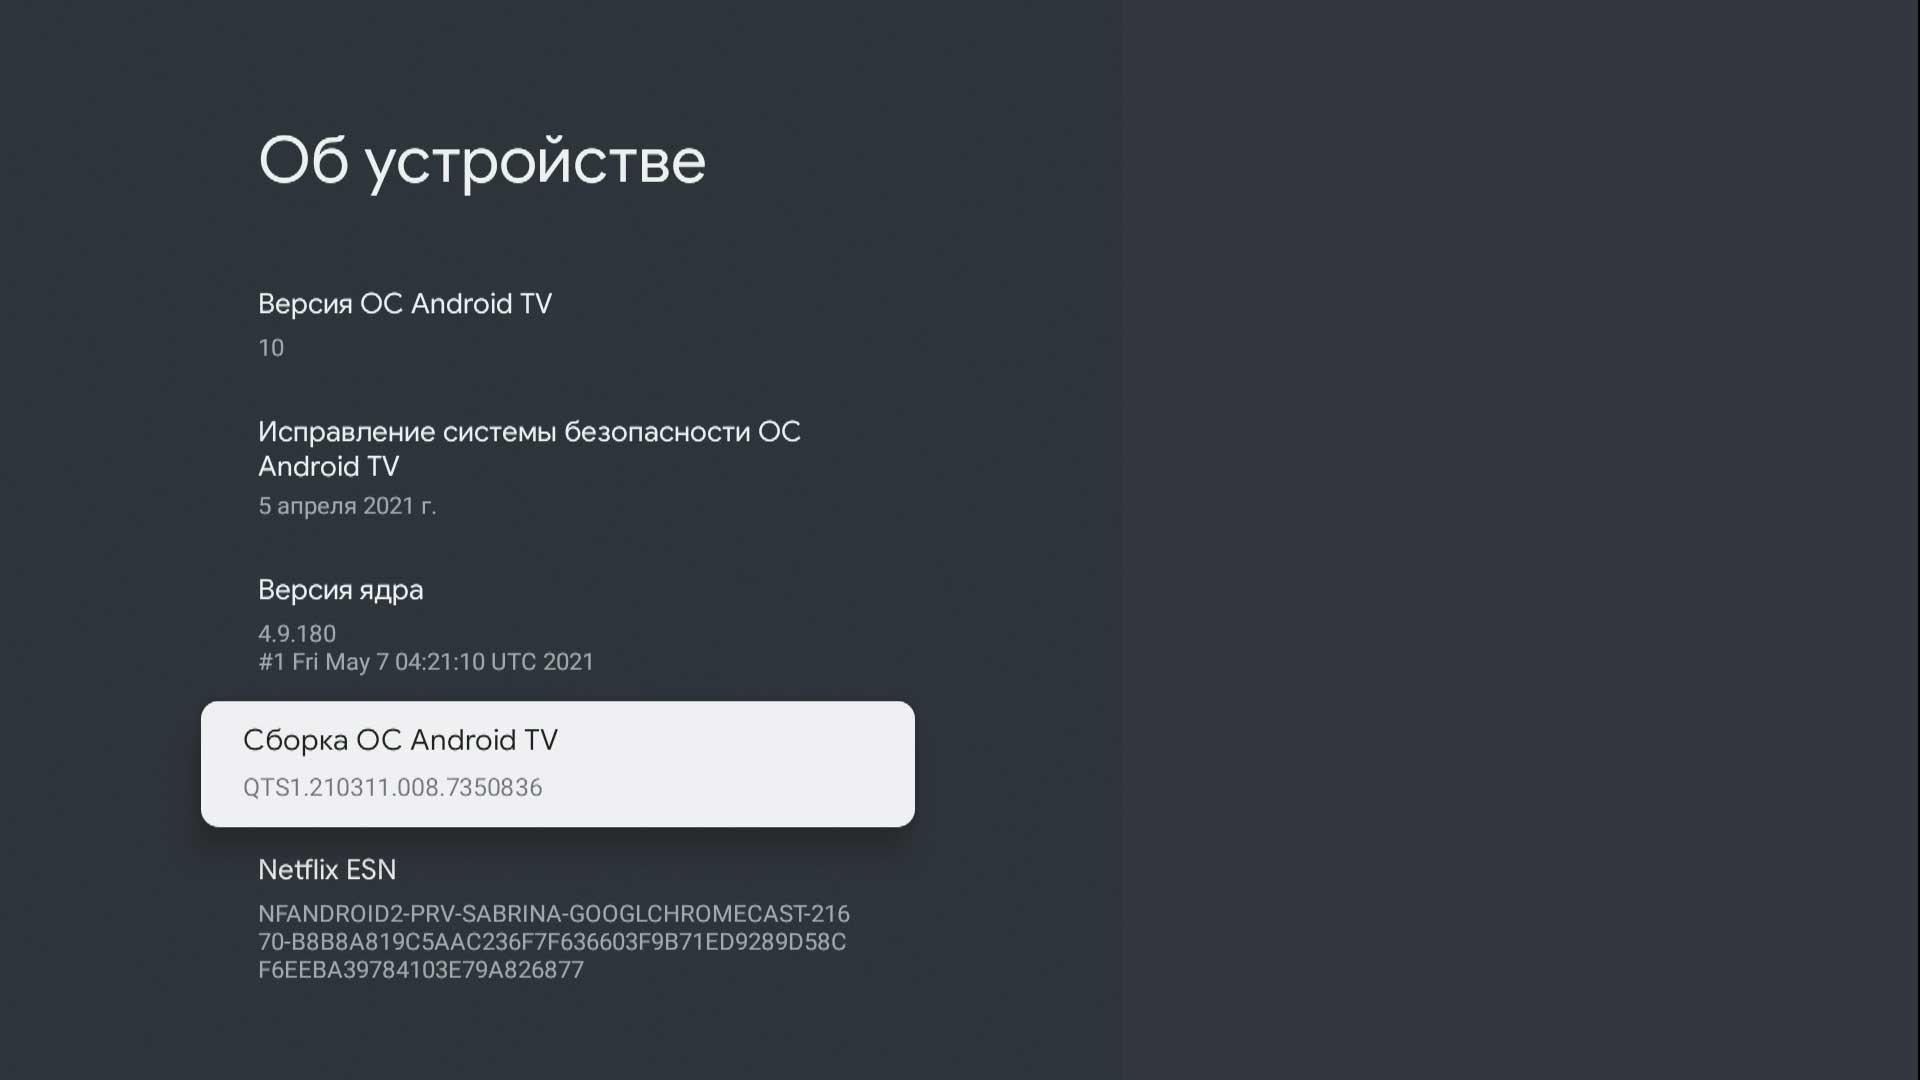 Перейдите в раздел Android TV OS build